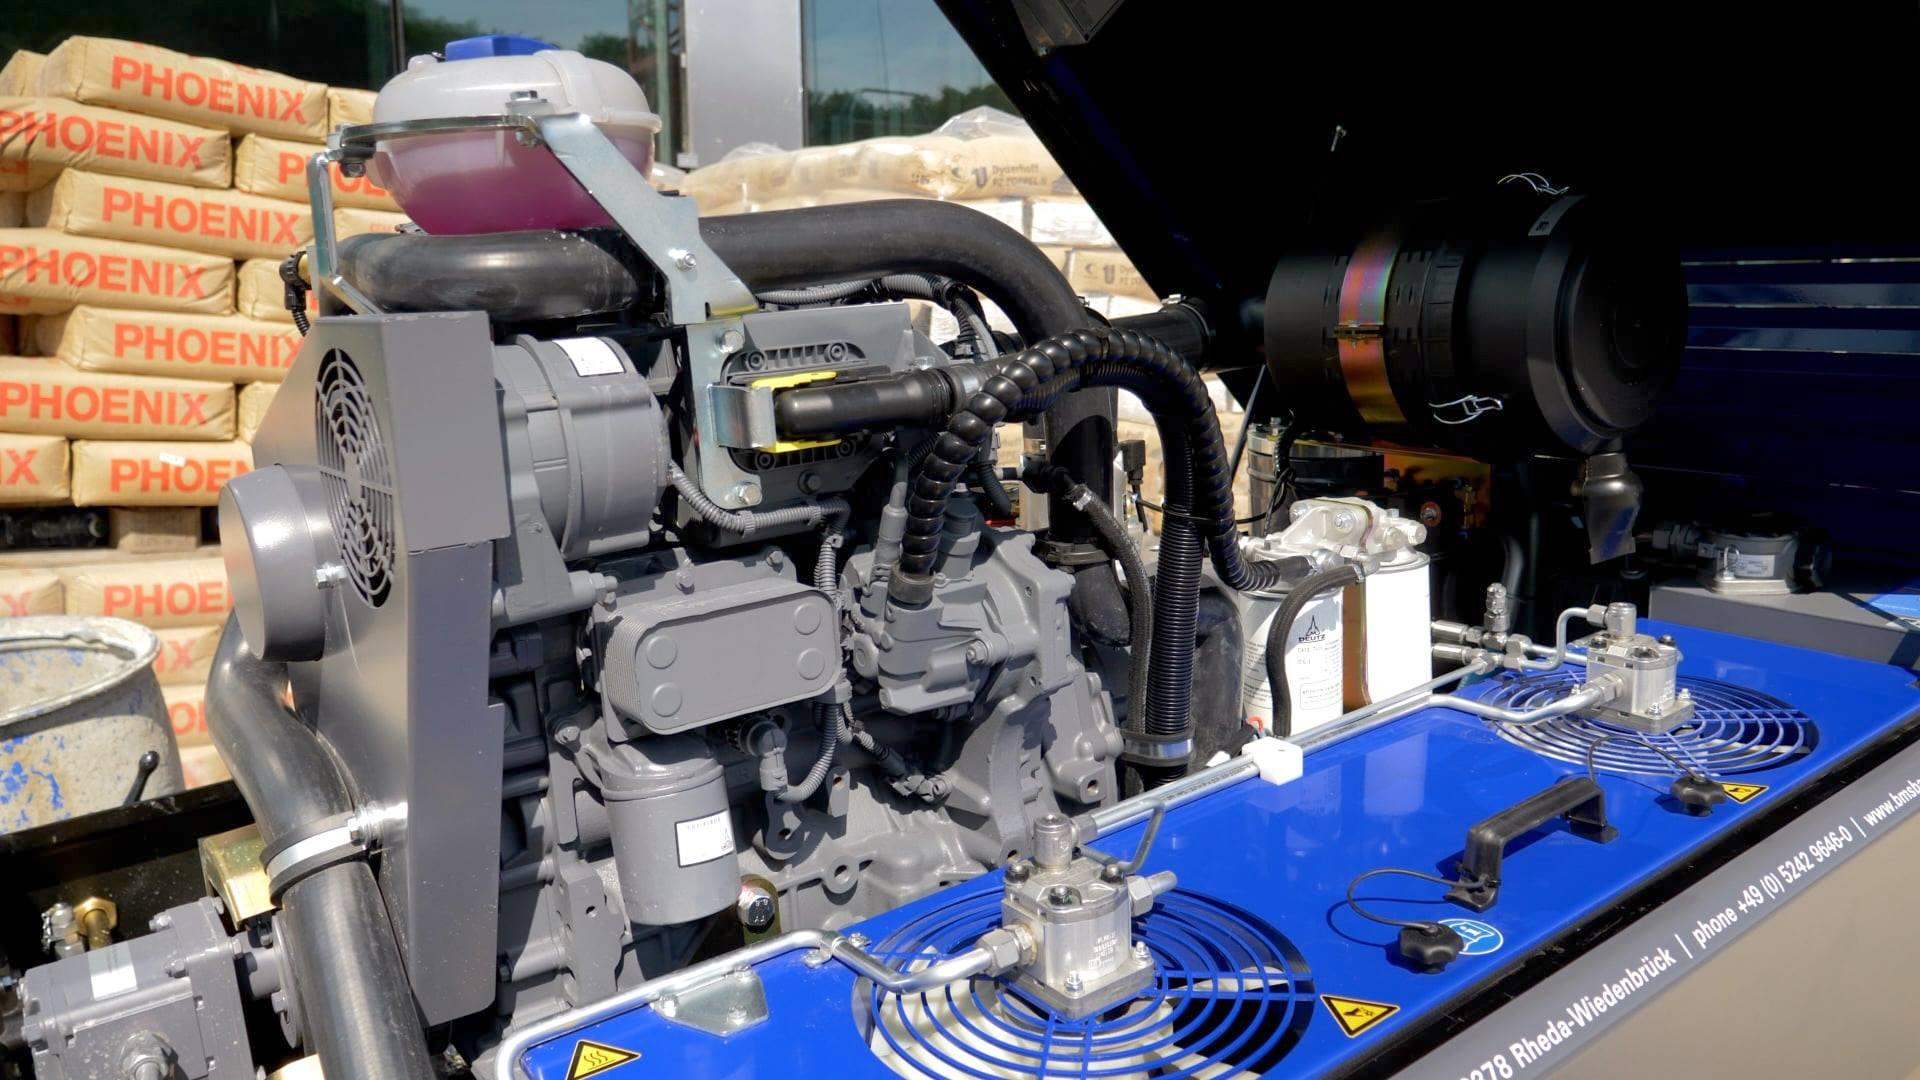 Deutz-Turbodieselmotor mit 44,5 kW (2,2 Liter Hubraum)